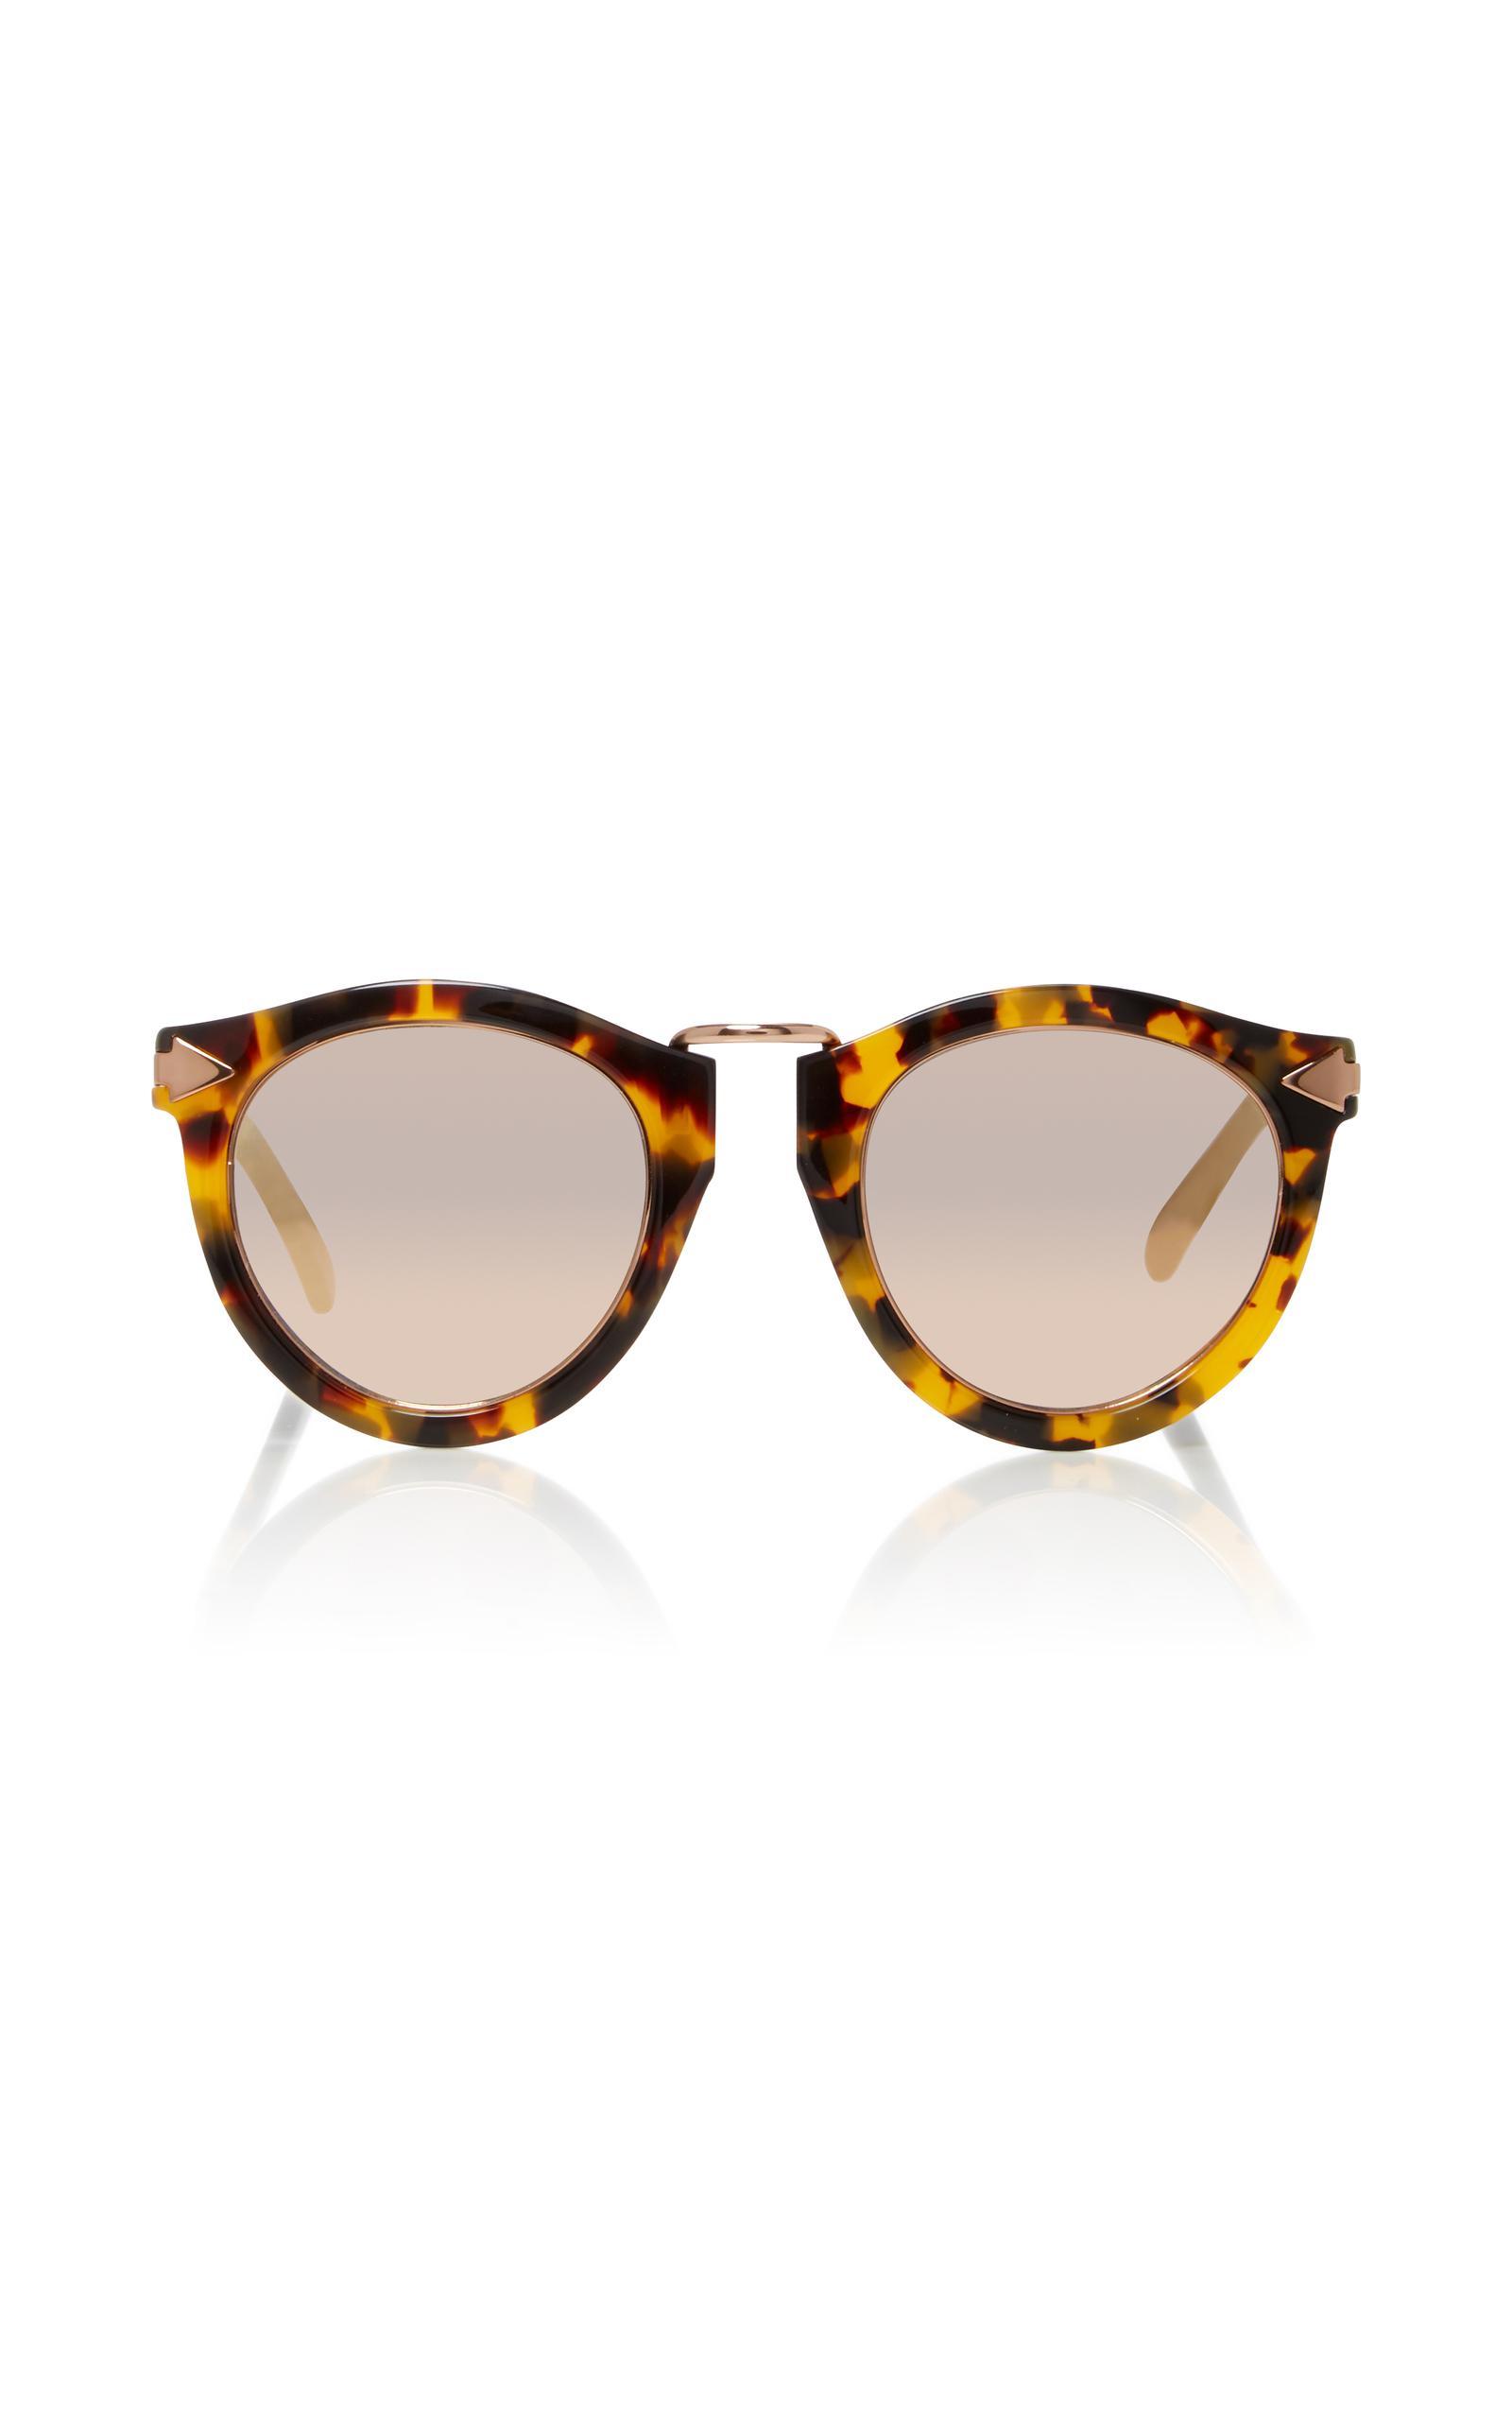 Harvest Rose Gold-Tone Metal and Tortoiseshell Acetate Sunglasses Karen Walker ro3SrEc2